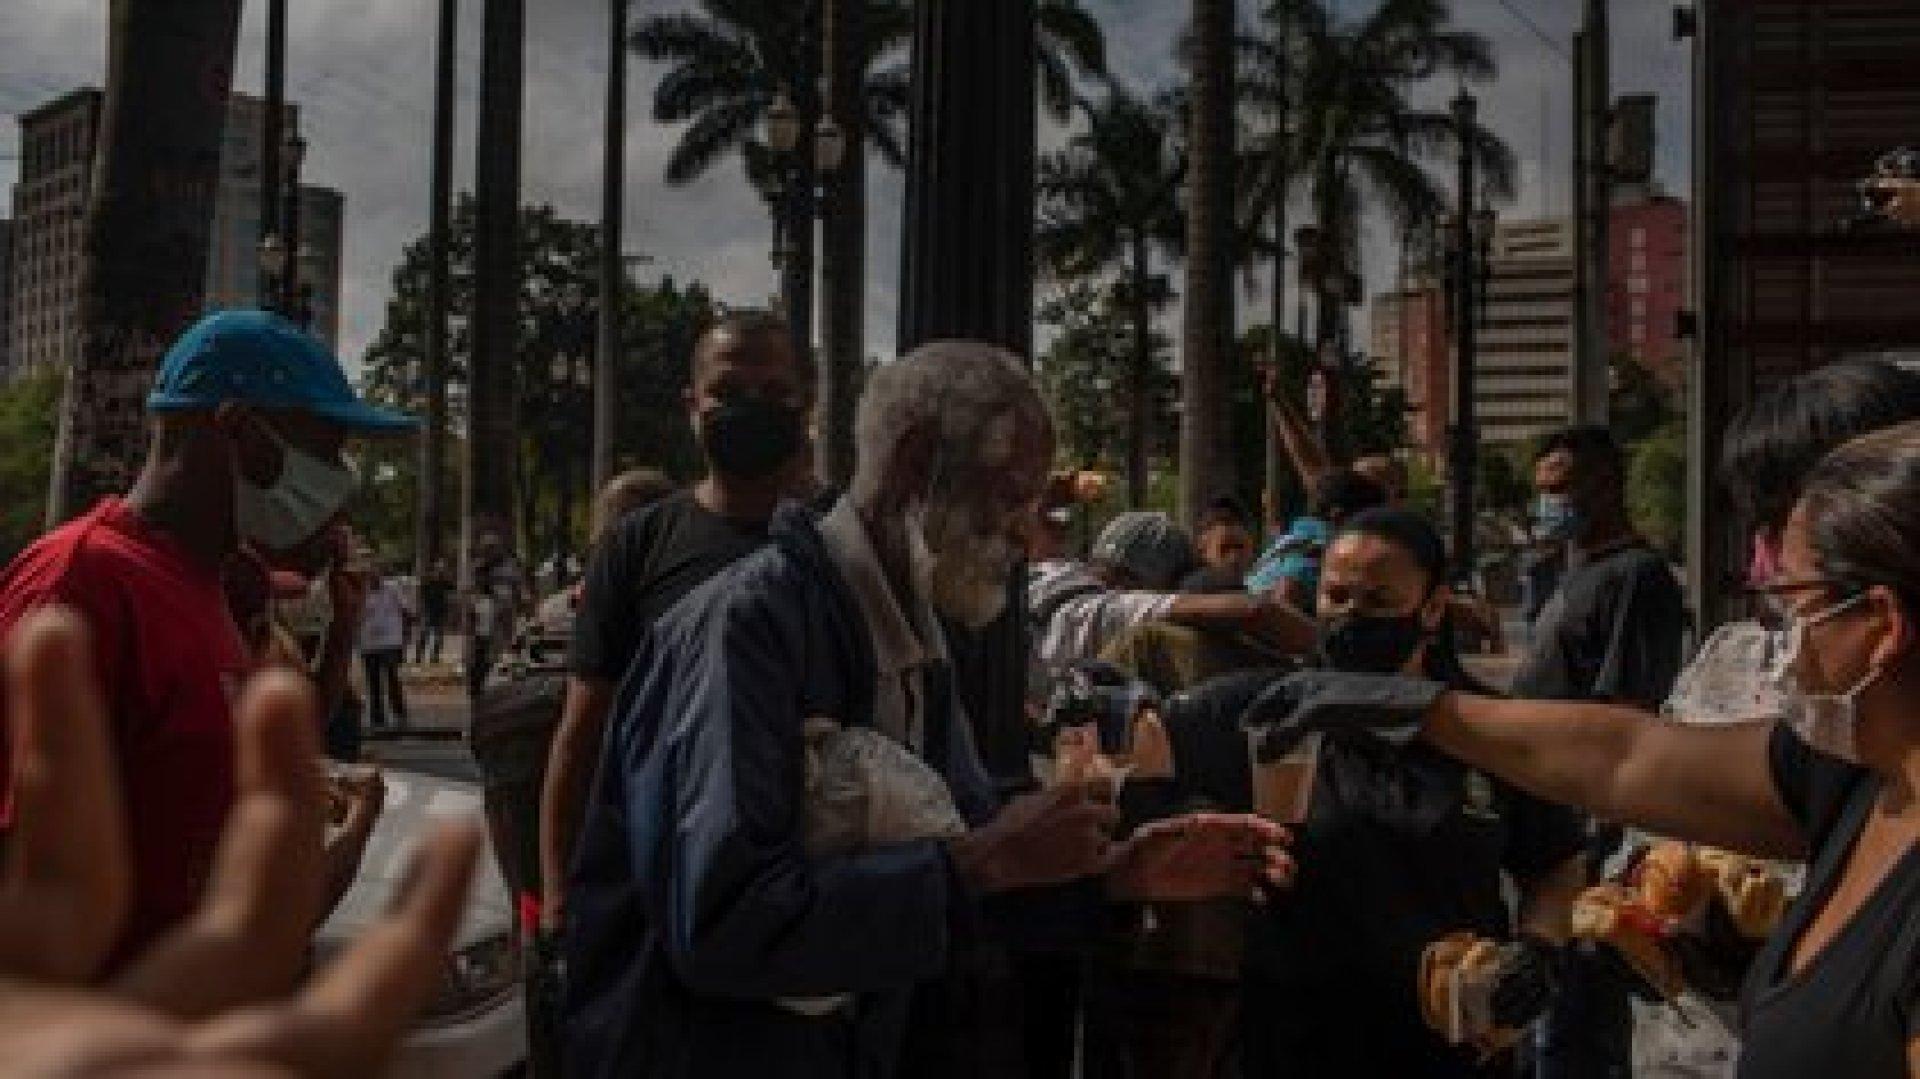 Los integrantes de una iglesia evangélica reparten desayunos. (Victor Moriyama / The New York Times)